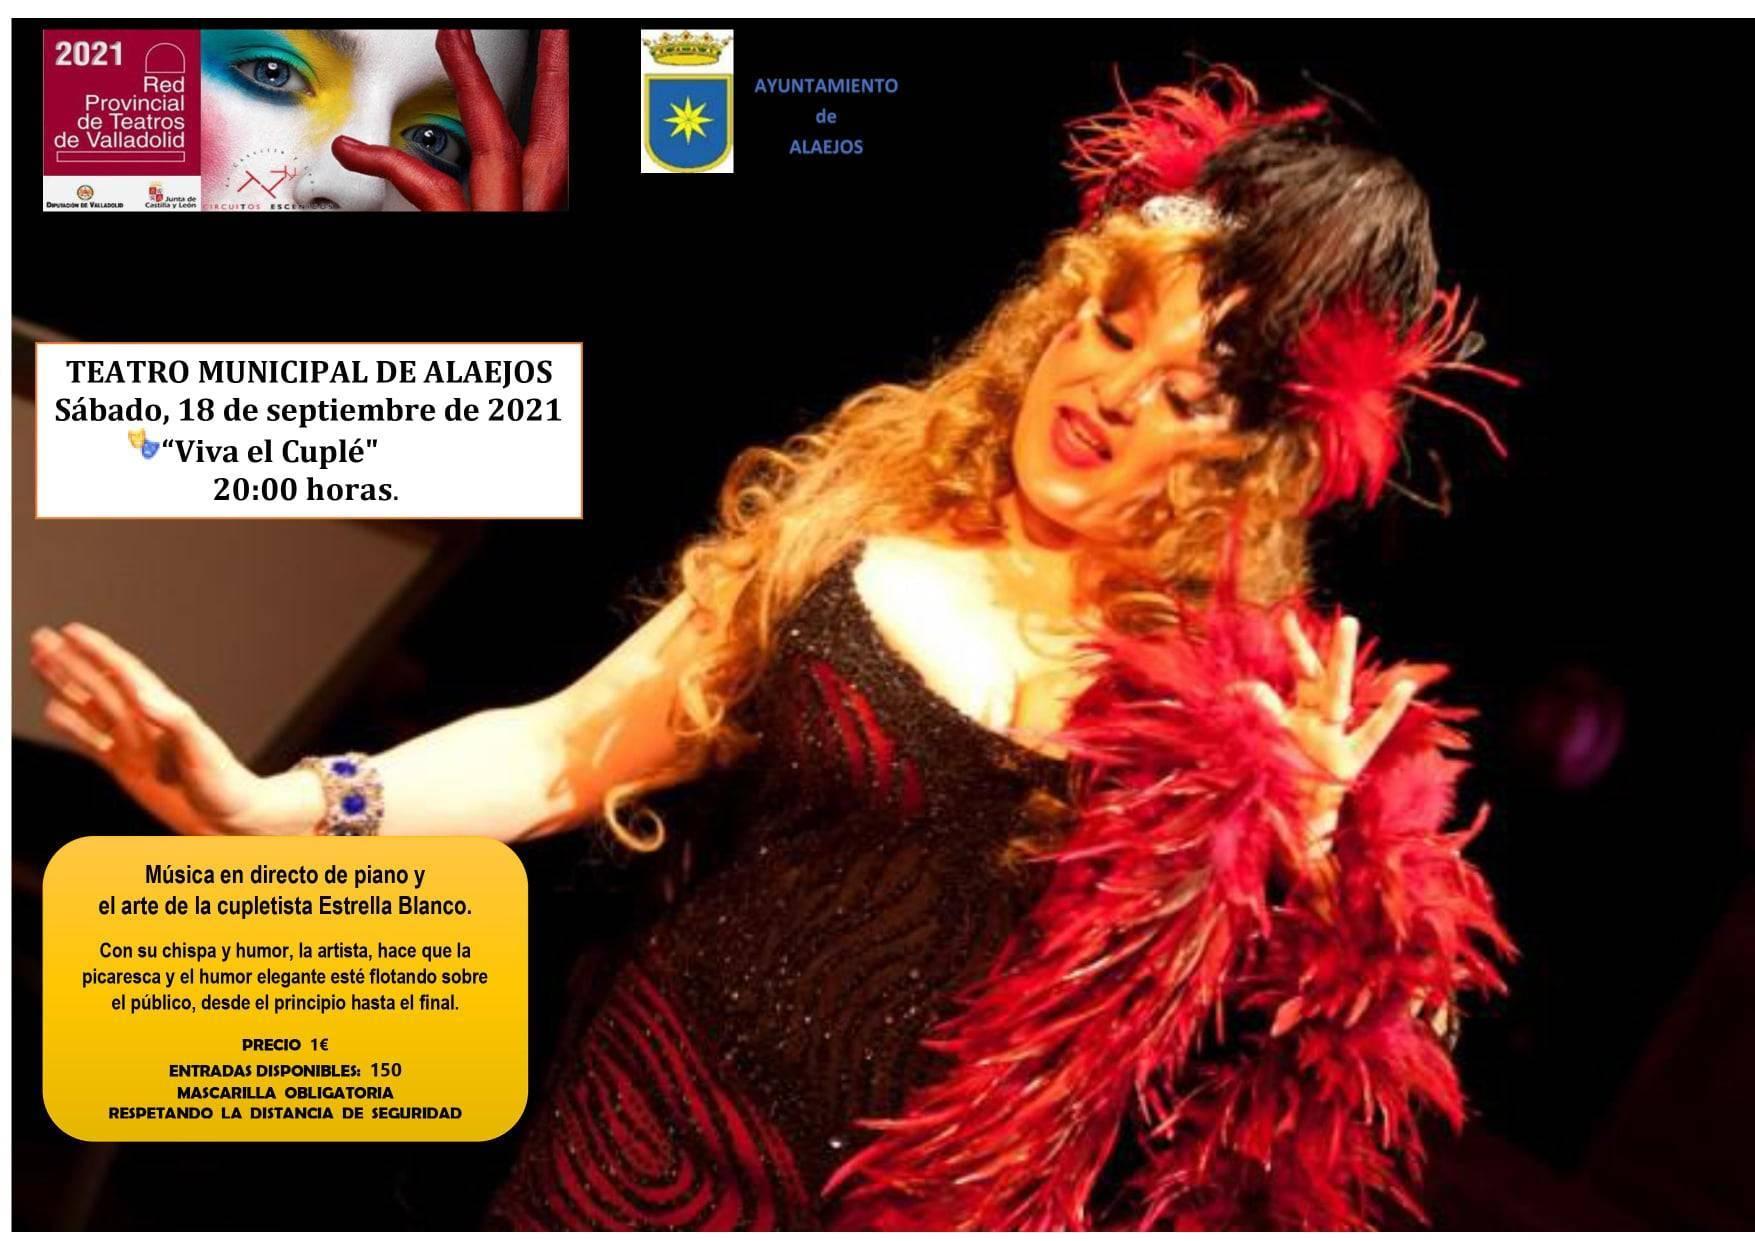 'Viva el cuplé' (2021) - Alaejos (Valladolid)